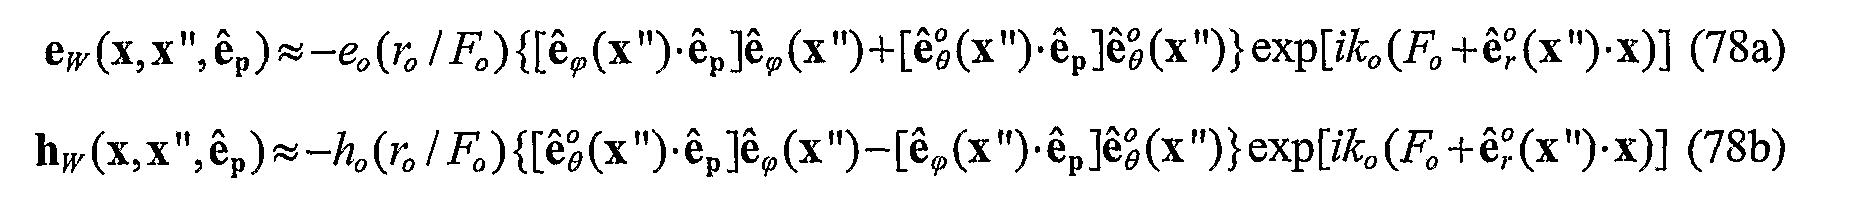 Figure imgf000126_0013